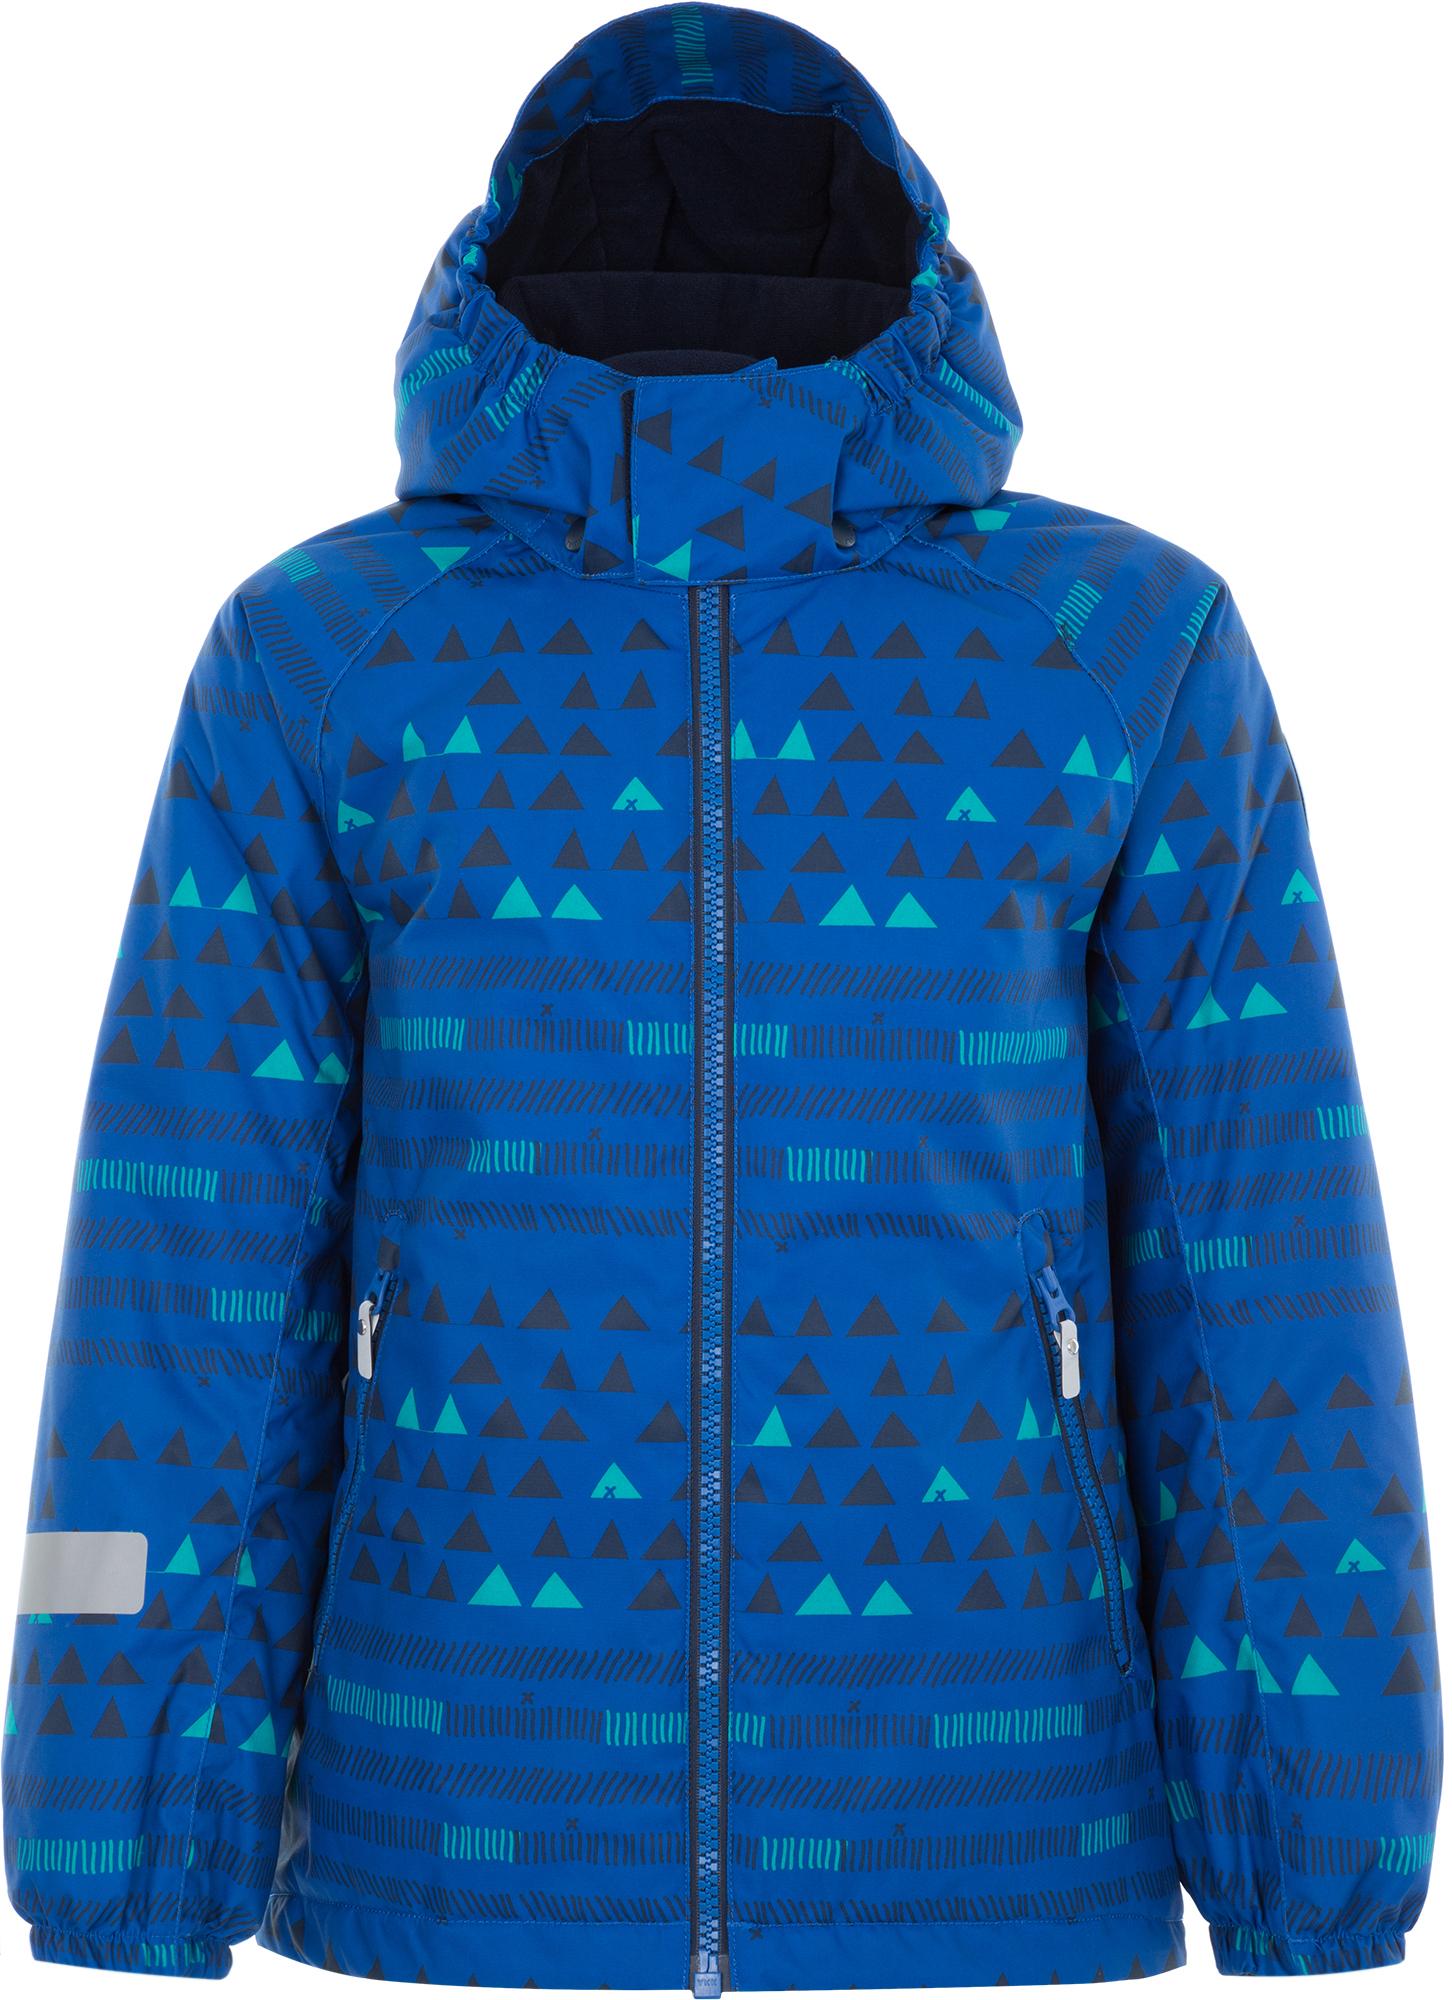 Reima Куртка утепленная для мальчиков Reima Maunu, размер 140 цена